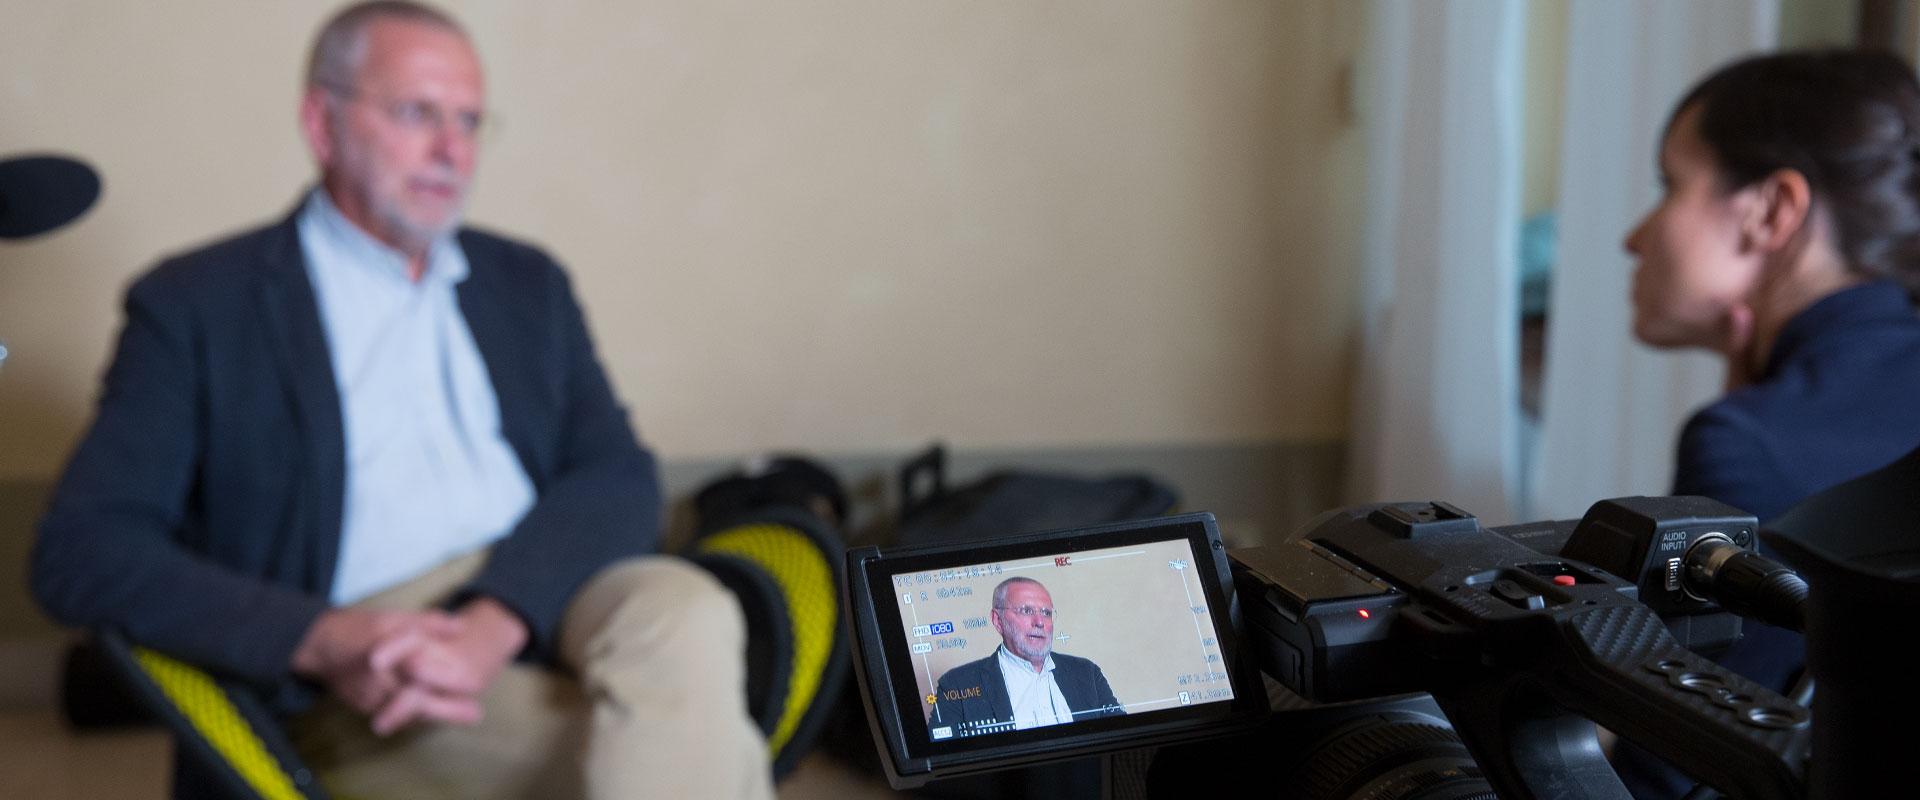 Massimo Cirri intervistato da CGN